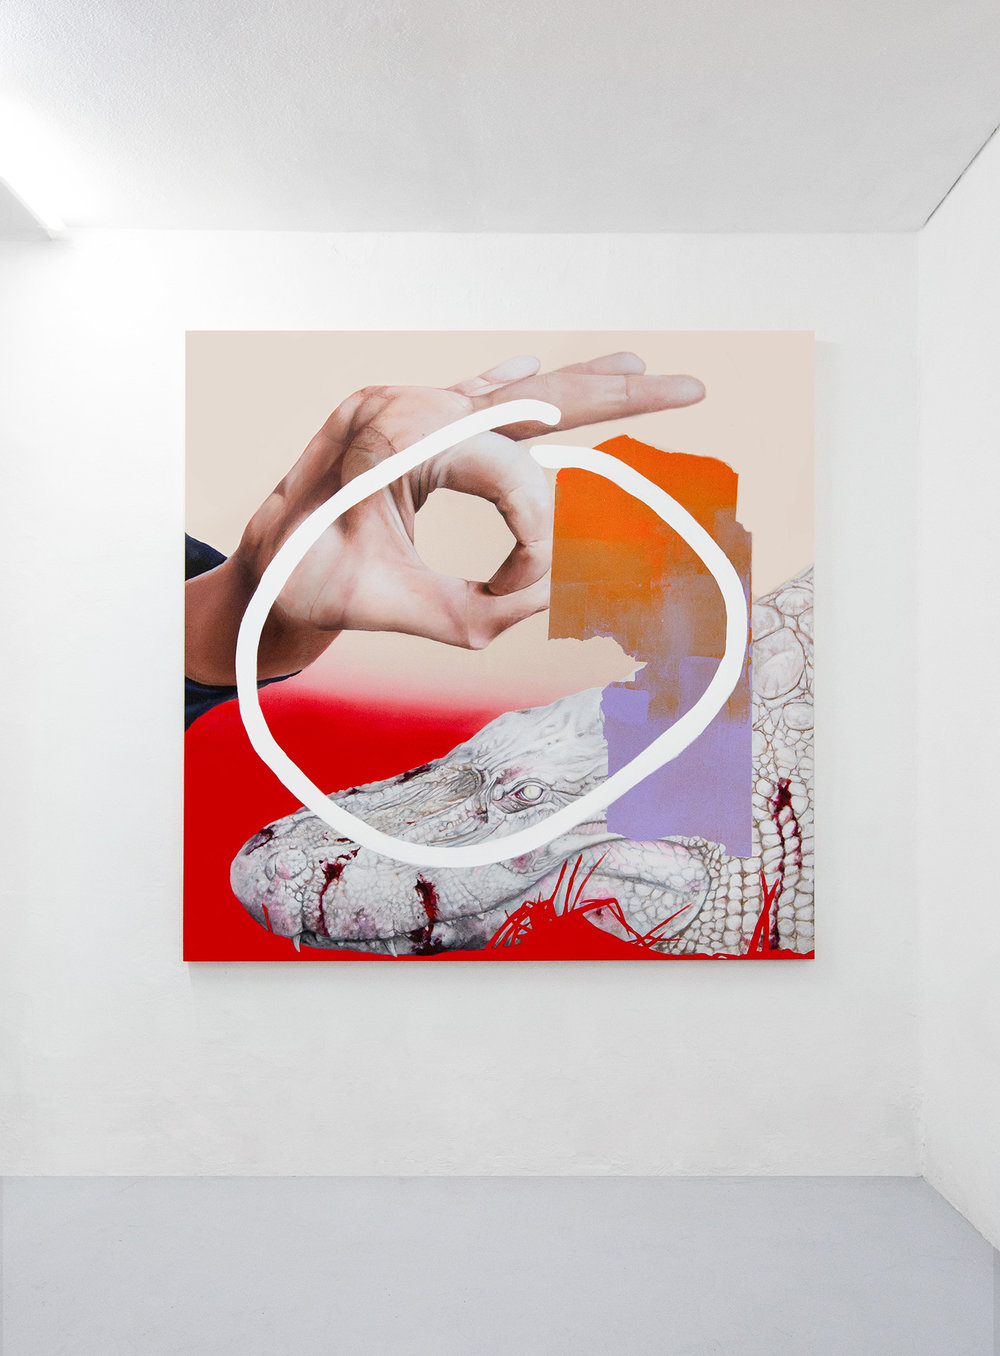 3 Andrea Martinucci - Glory Black Hole, exhibition view, Dimora Artica (ph Andrea Cenetiempo).jpg